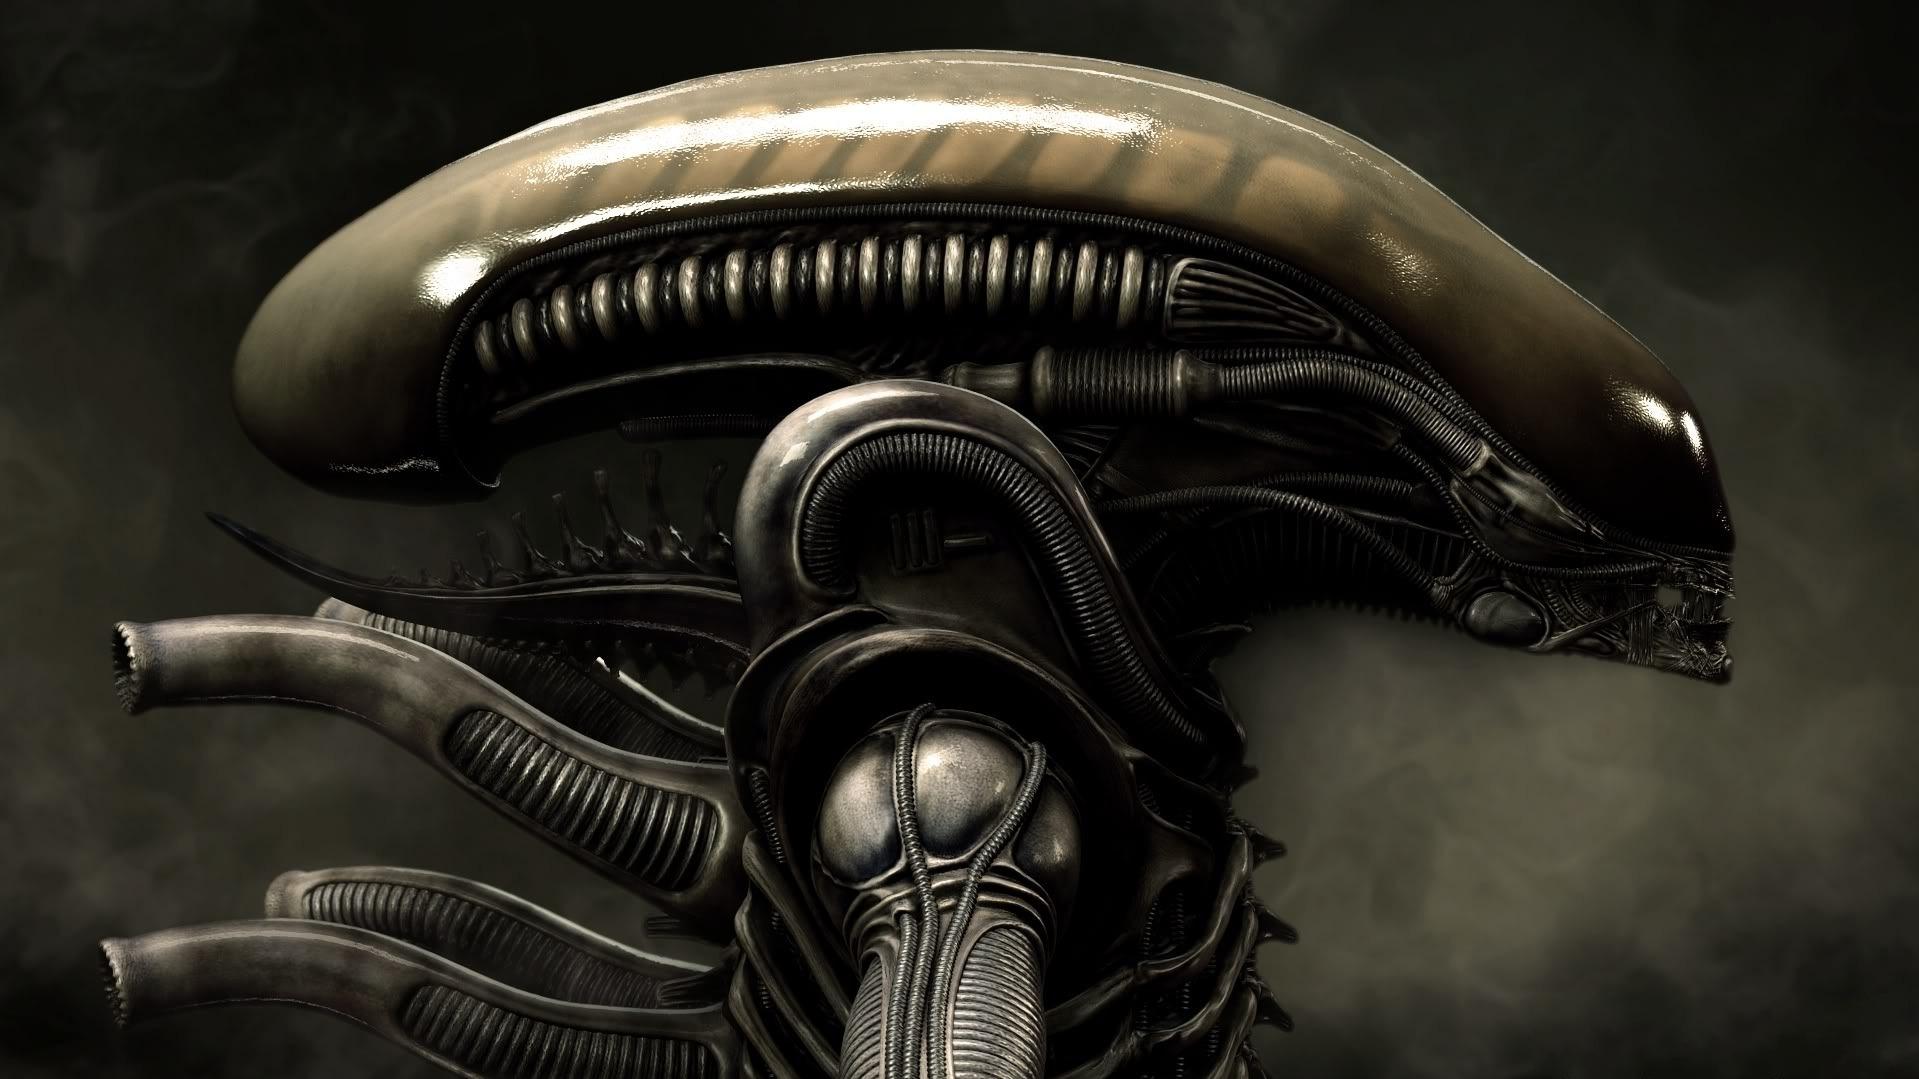 alien wallpaper, скачать фото, обои для рабочего стола